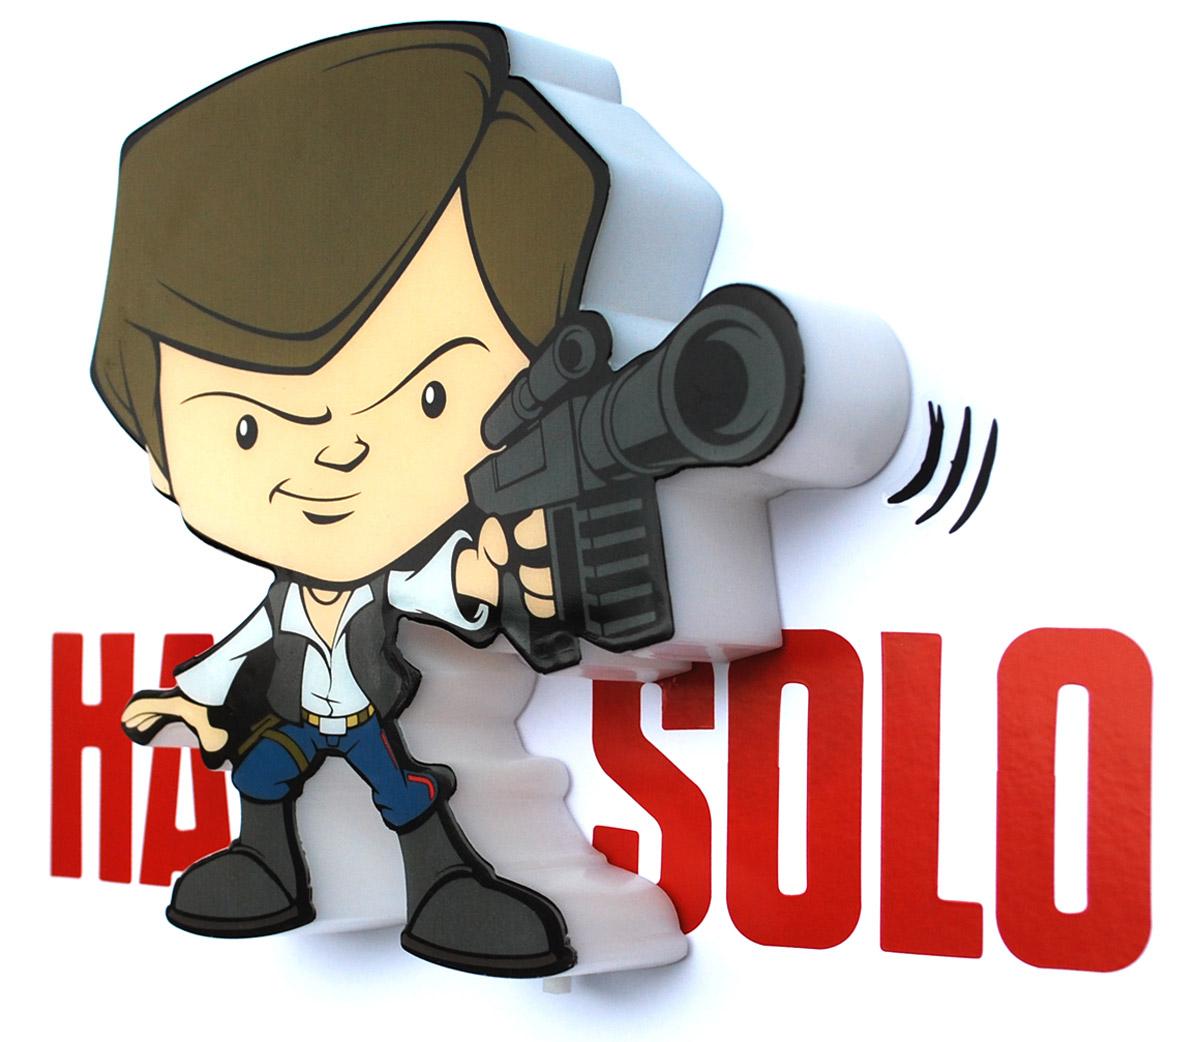 Star Wars Пробивной 3D мини-светильник Хан Соло50014120Безопасный: без проводов, работает от батареек (2хААА, не входят в комплект); Не нагревается: всегда можно дотронуться до изделия; Реалистичный:3D наклейка в комплекте; Фантастический: выглядит превосходно в любое время суток; Удобный: простая установка (автоматическое выключение через полчаса непрерывной работы). Товар предназначен для детей старше 3 лет. ВНИМАНИЕ! Содержит мелкие детали, использовать под непосредственным наблюдением взрослых. Страна происхождения: Китай. Дизайн и разработка: Канада.